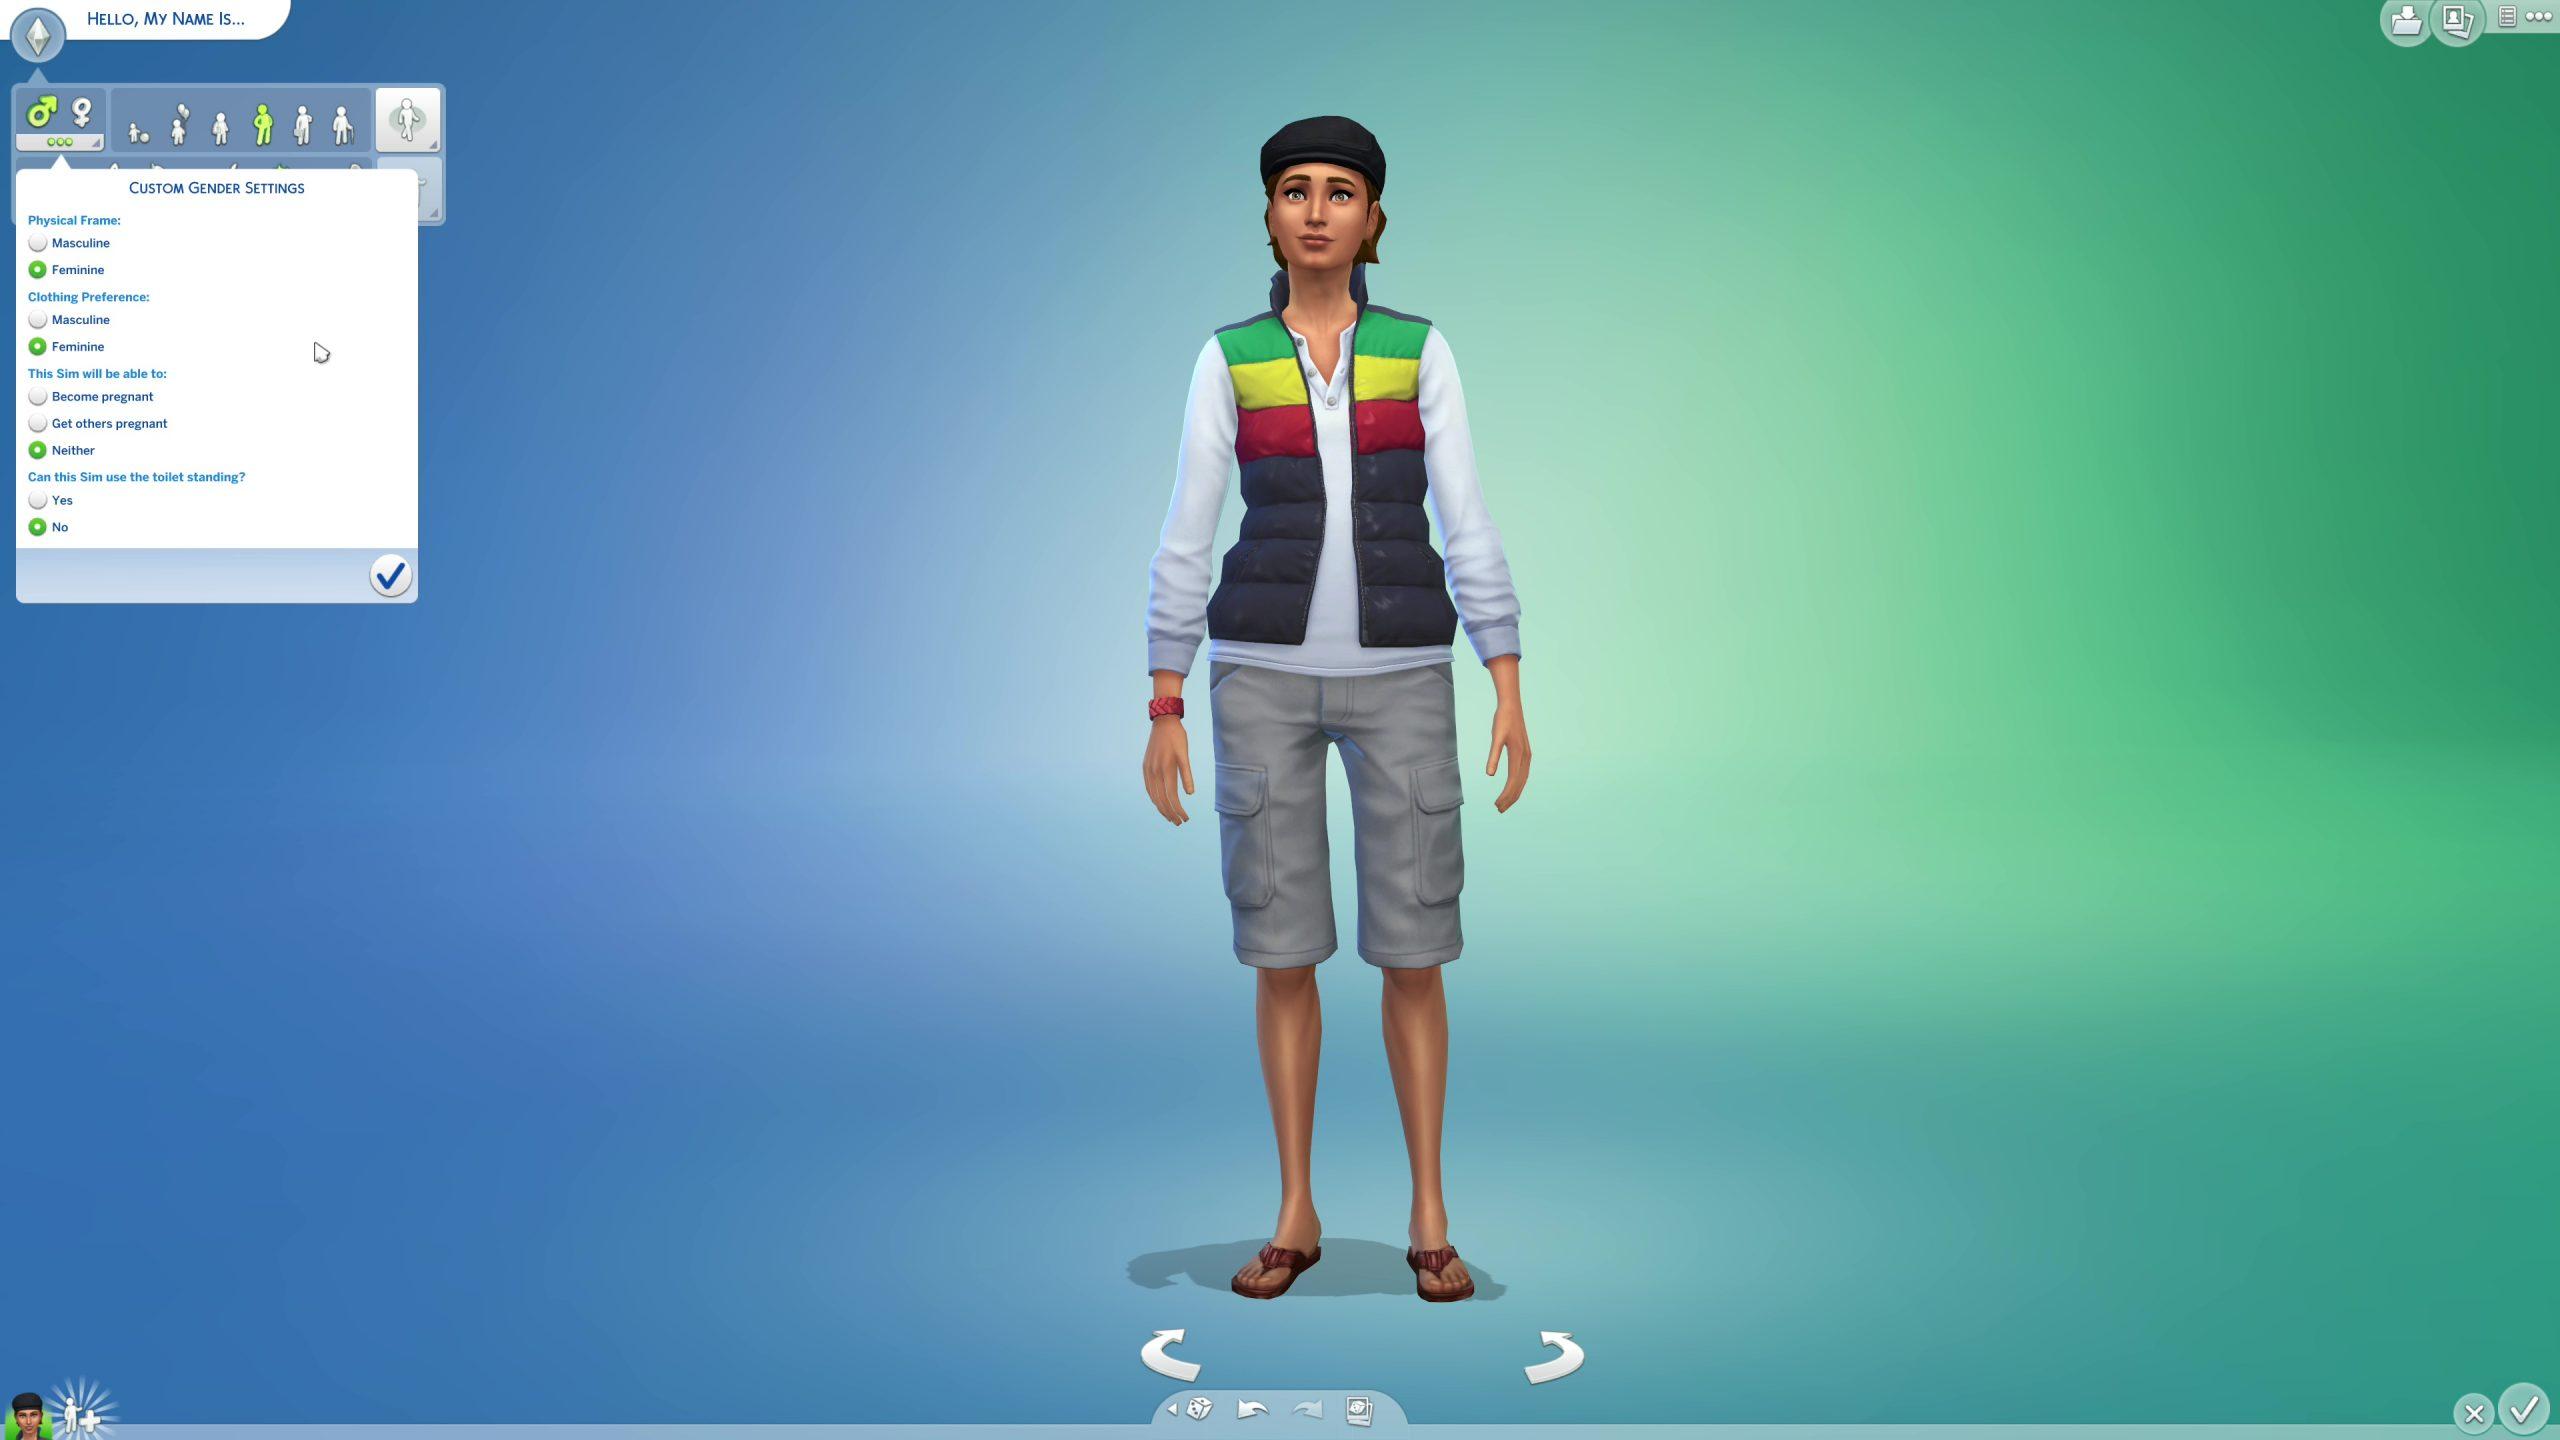 Sims 4 queer gender settings